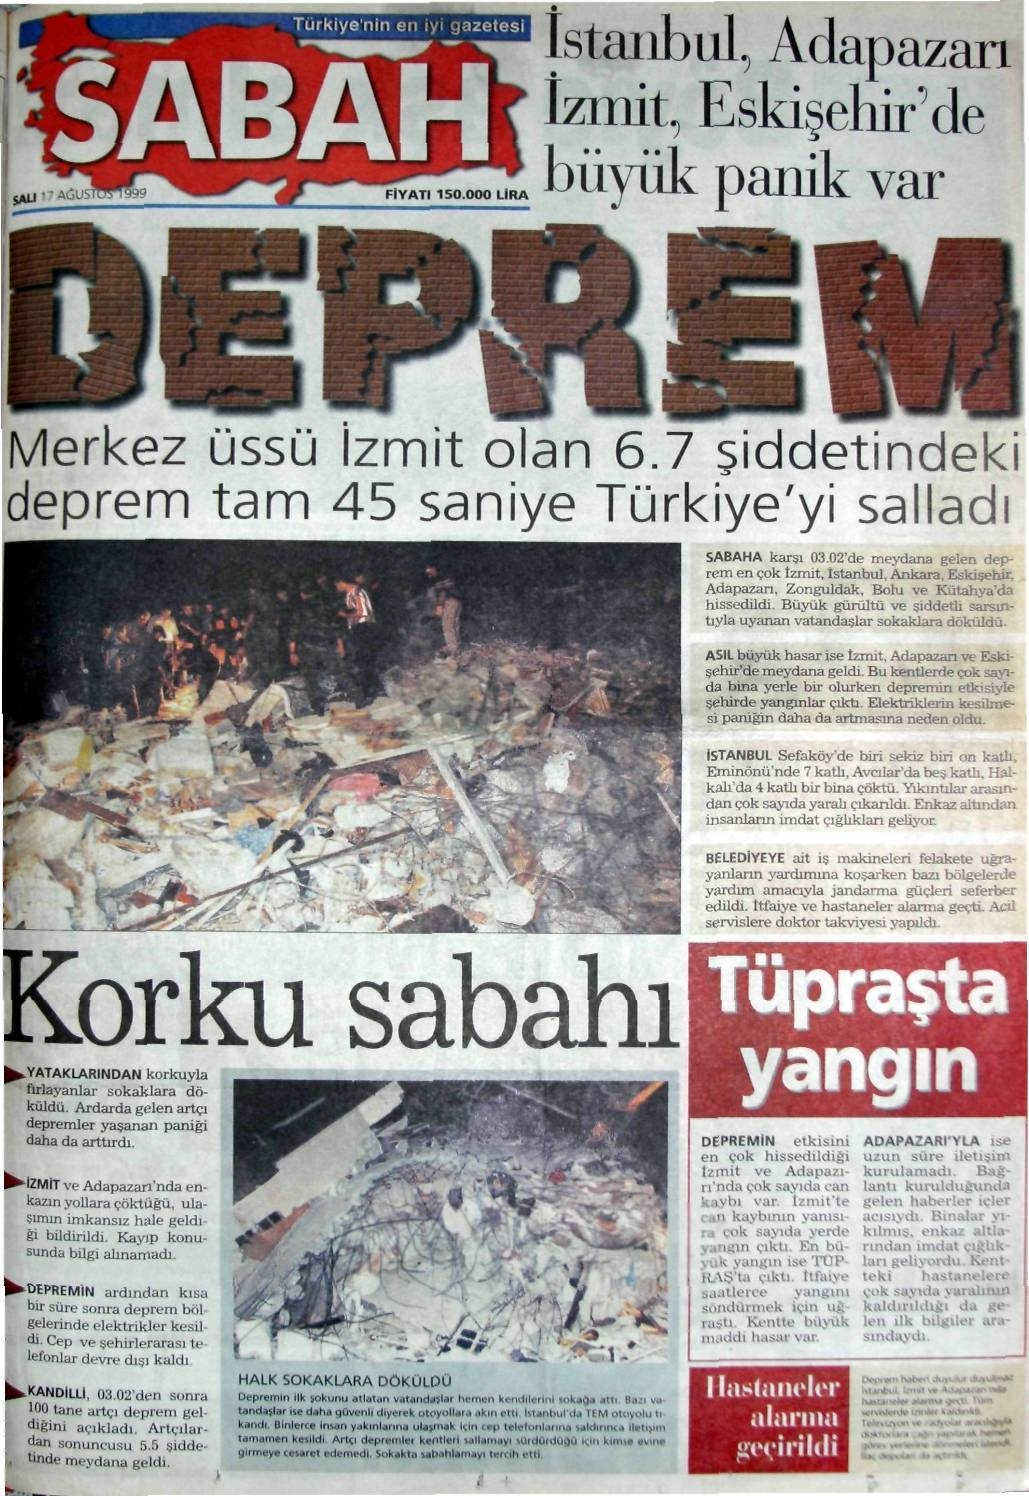 Sabah-gazetesi-17-agustos-1999